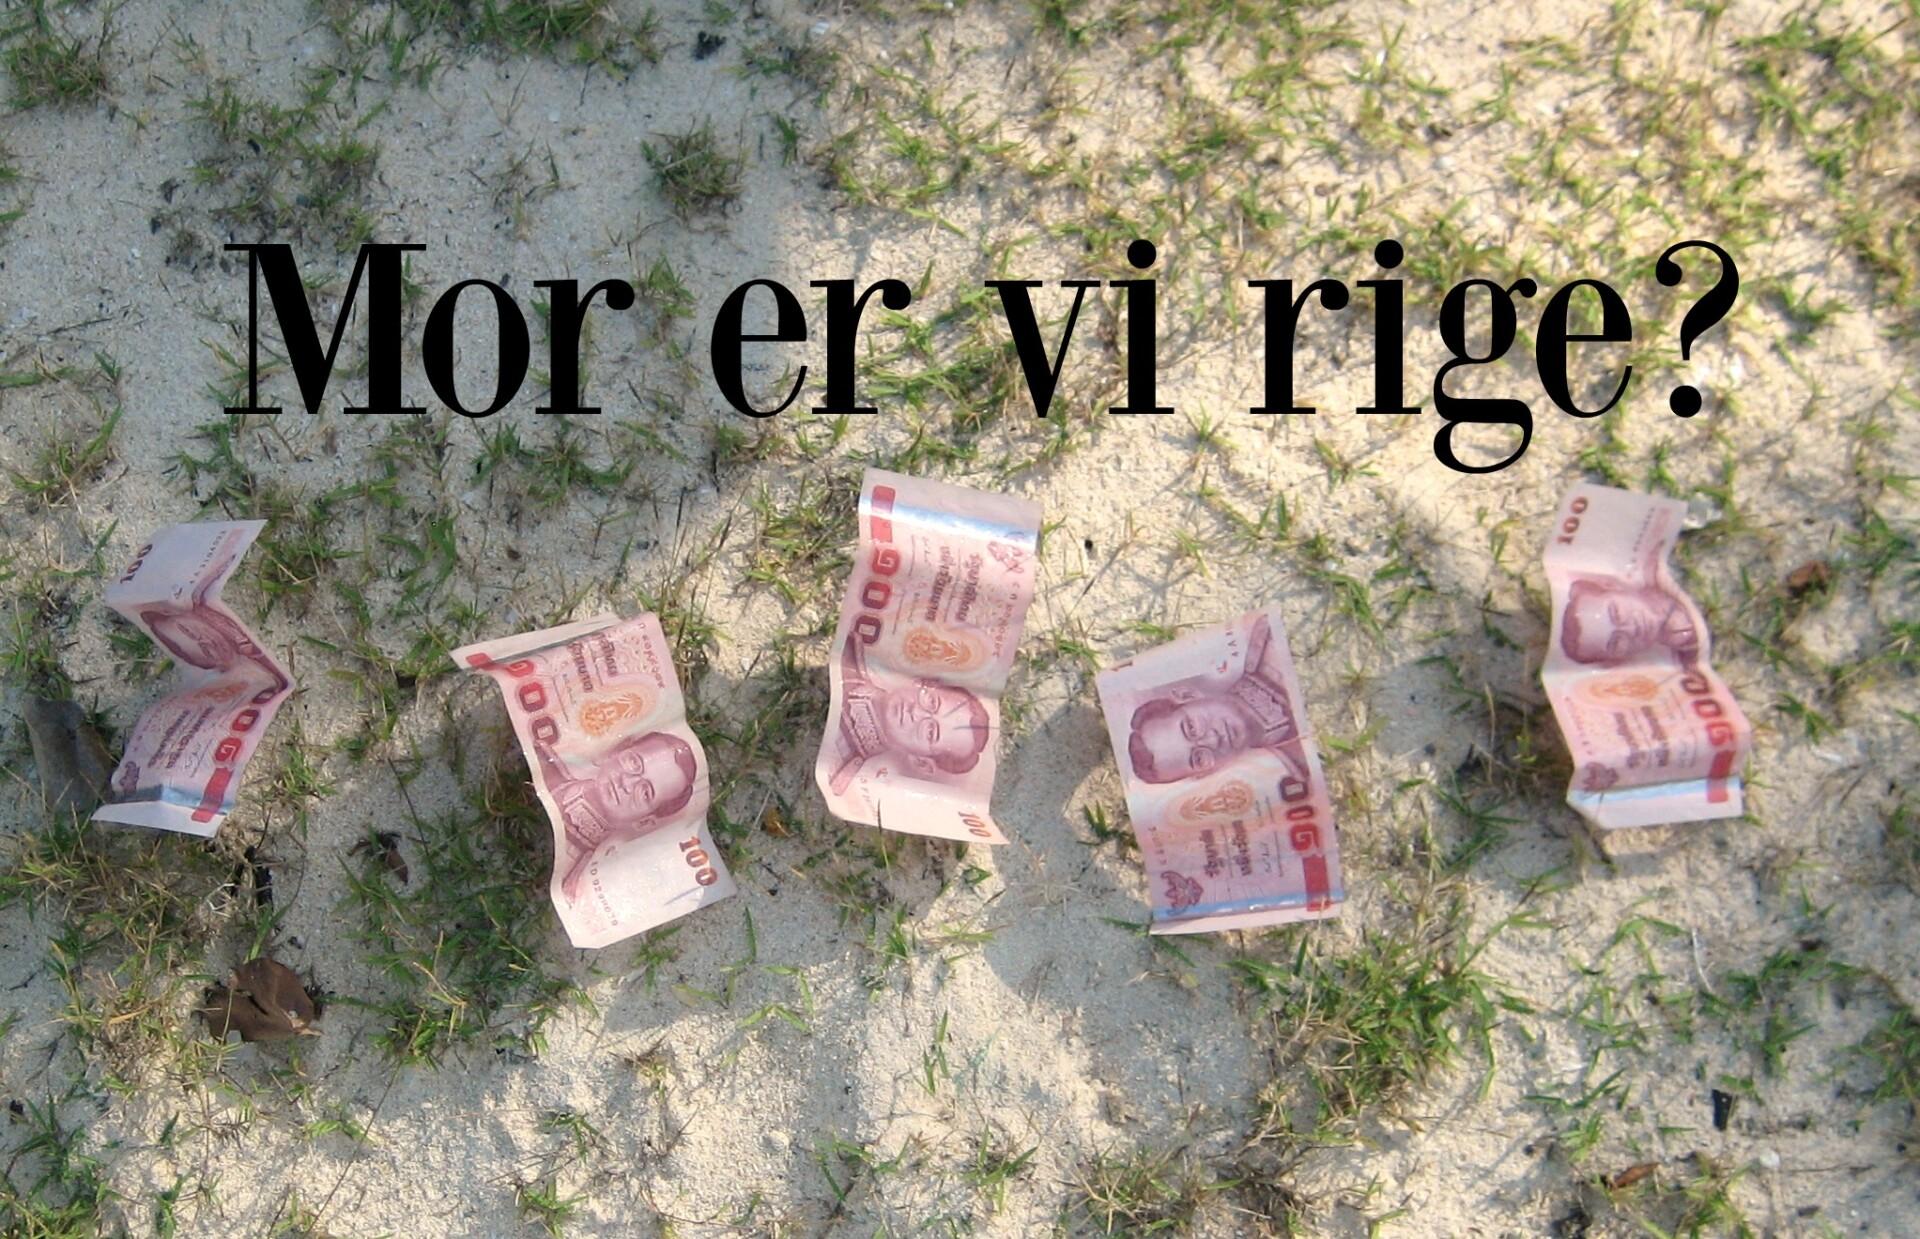 Mor er vi rige?